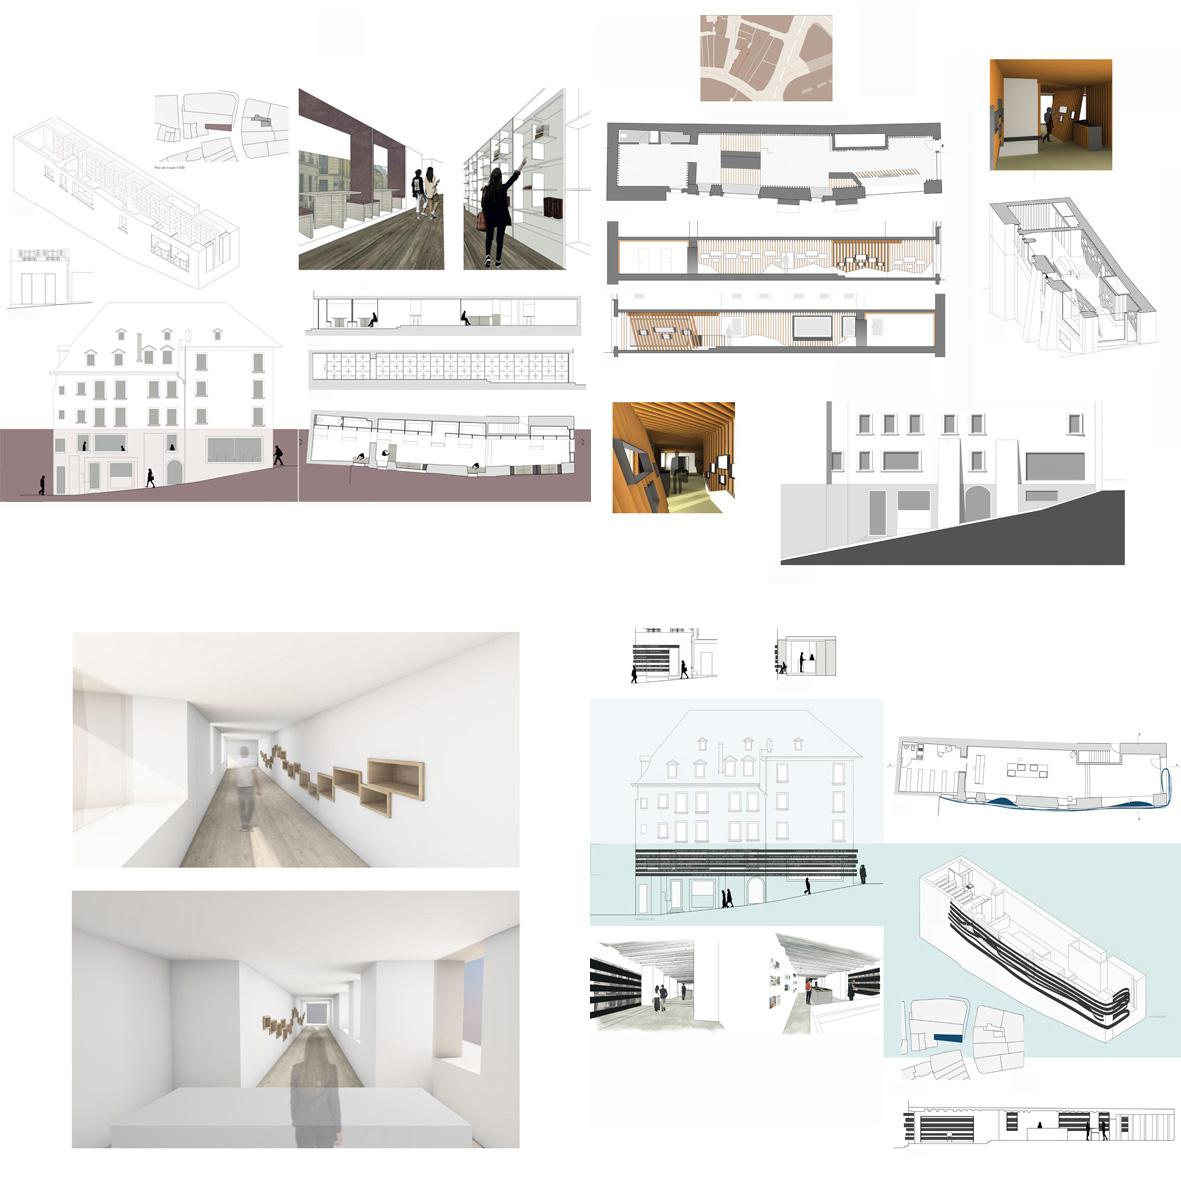 la maison du livre ih id es house cole d 39 architecture d 39 int rieur et d 39 architecture et de design. Black Bedroom Furniture Sets. Home Design Ideas